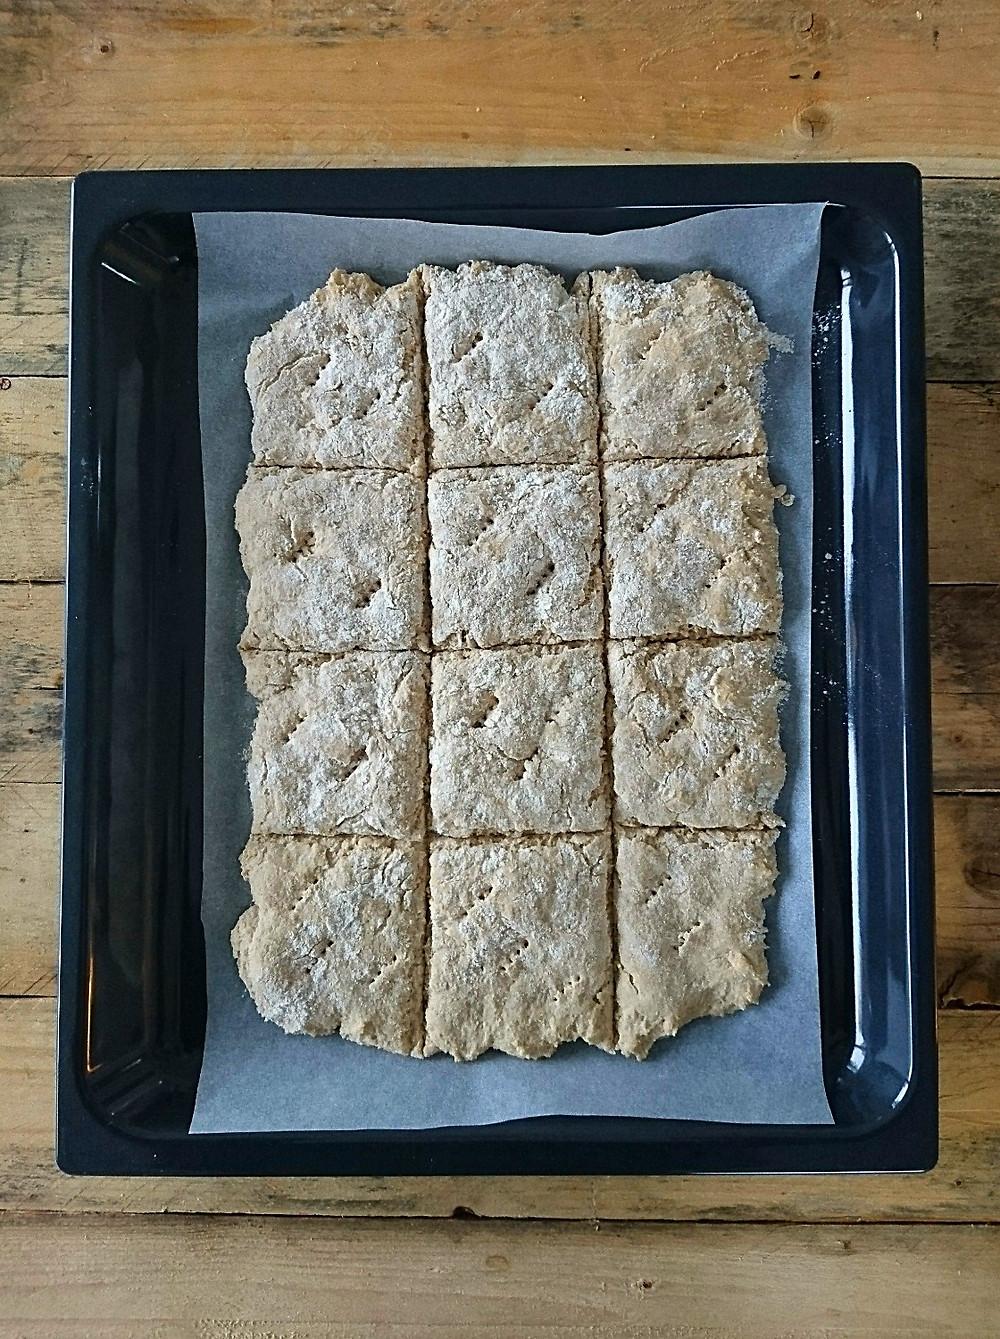 Leikkaa kohonnut peltileipä ruuduiksi veitsellä tai taikinapyörällä 12 osaan ja pistele haarukalla. Guteeniton, laktoosion ja maidoton peltileipä. Helppo resepti.